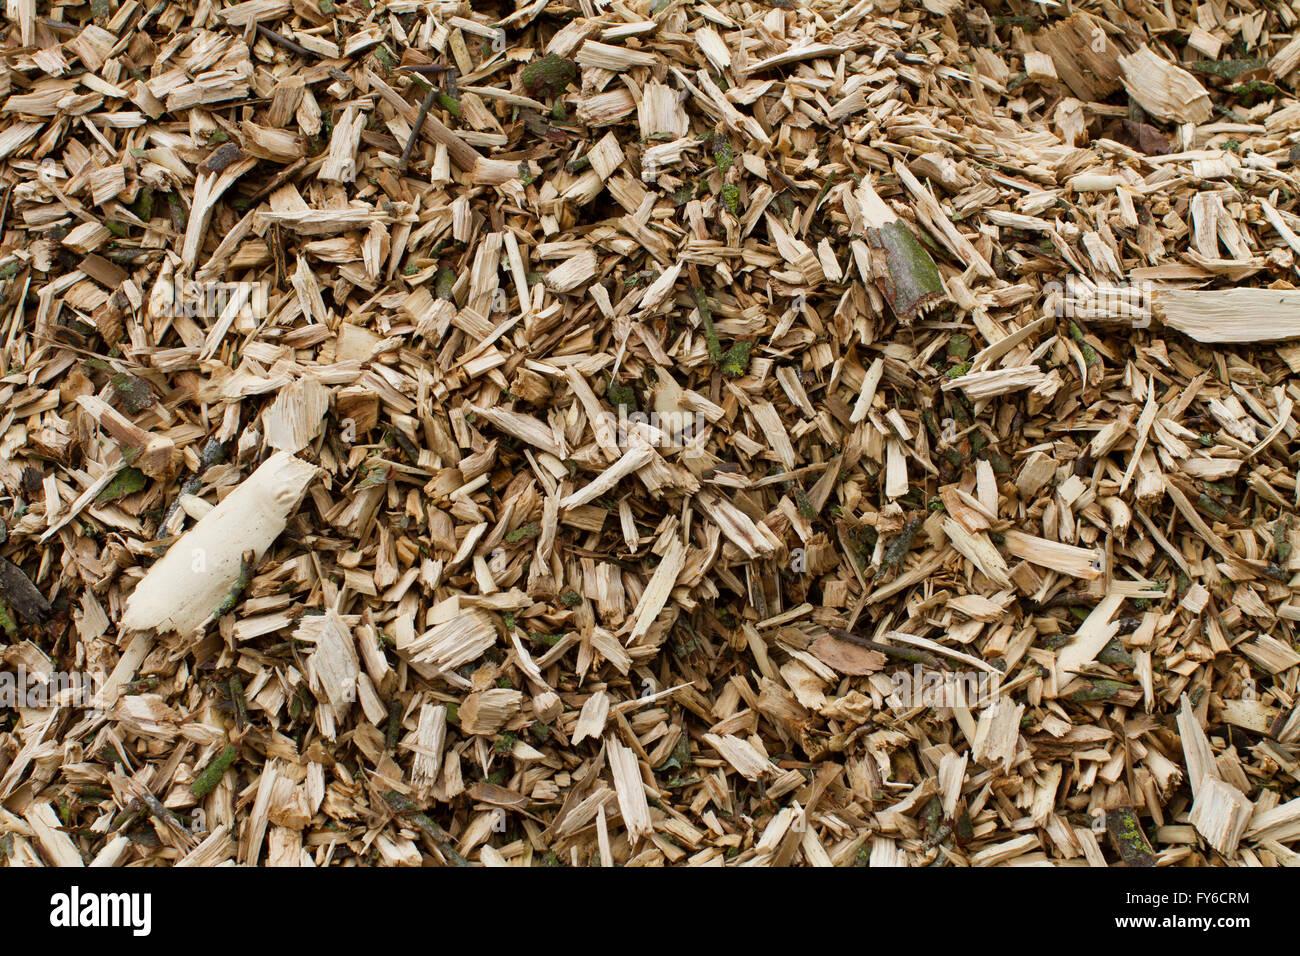 Nahaufnahme Von Holzspänen Und Rinde Als Mulch Auf Einem Garten